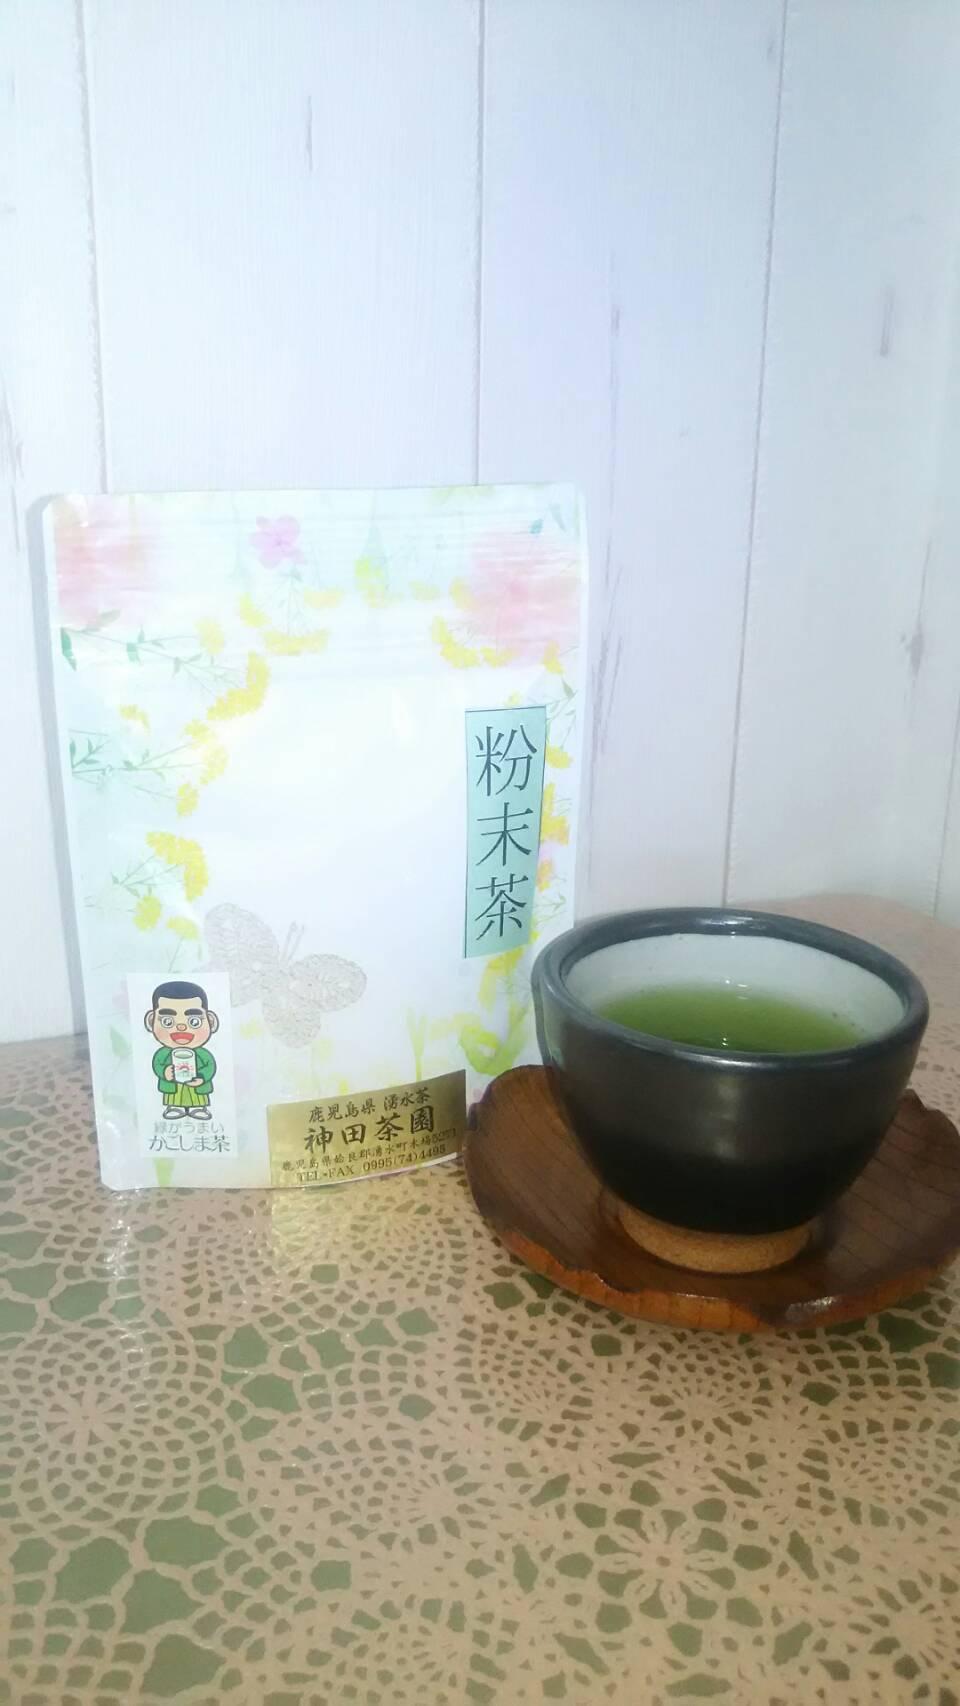 神田茶園 粉末茶